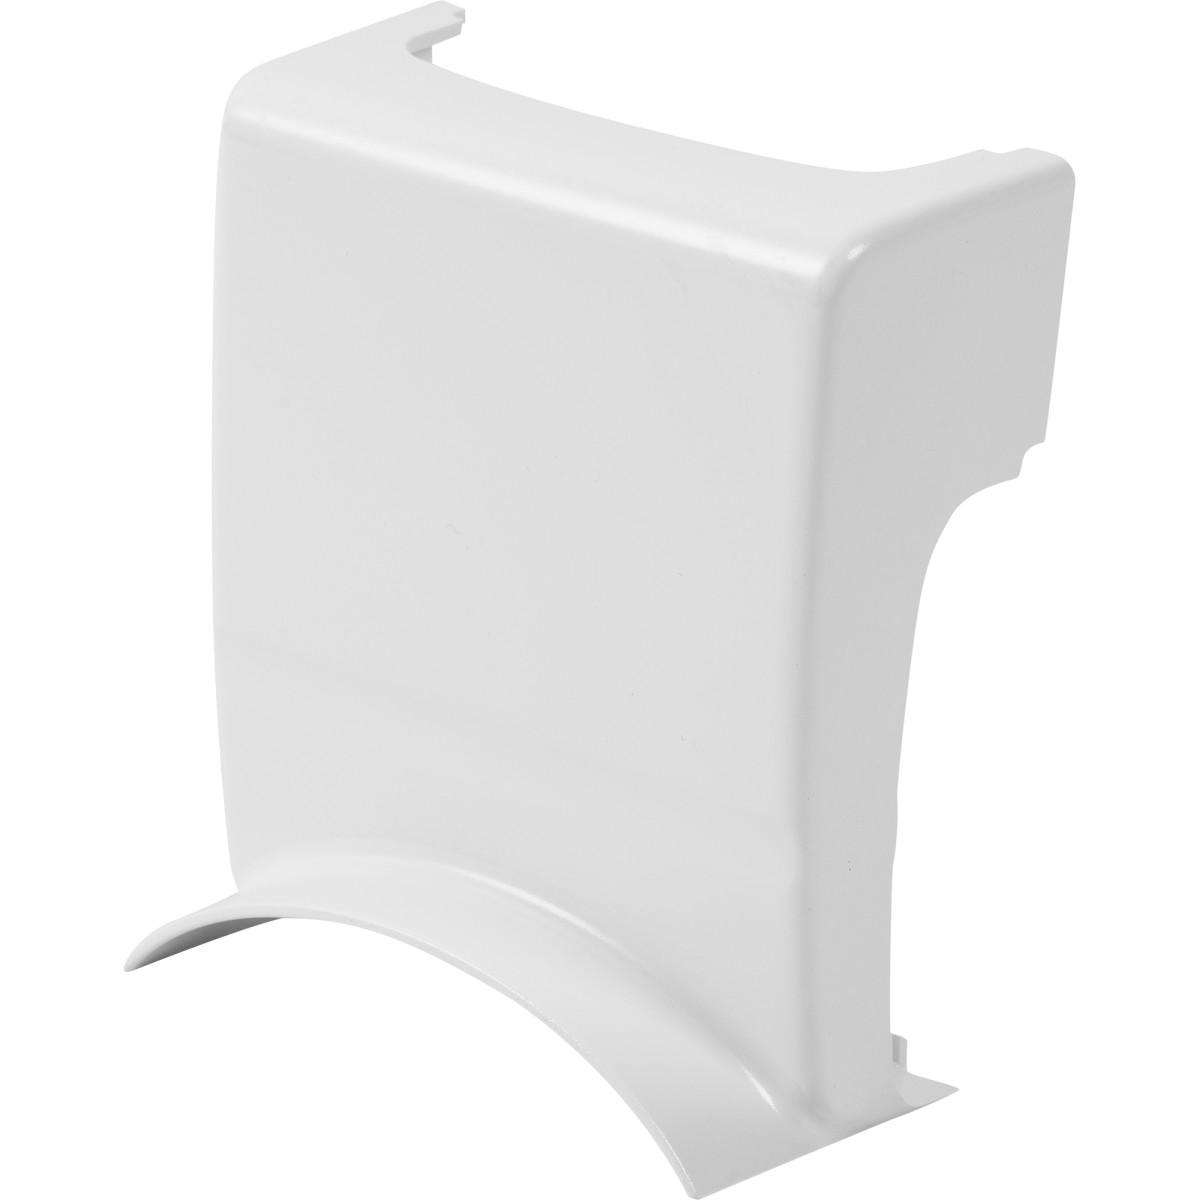 Адаптер для напольного кабель-канала 80x20 мм цвет белый